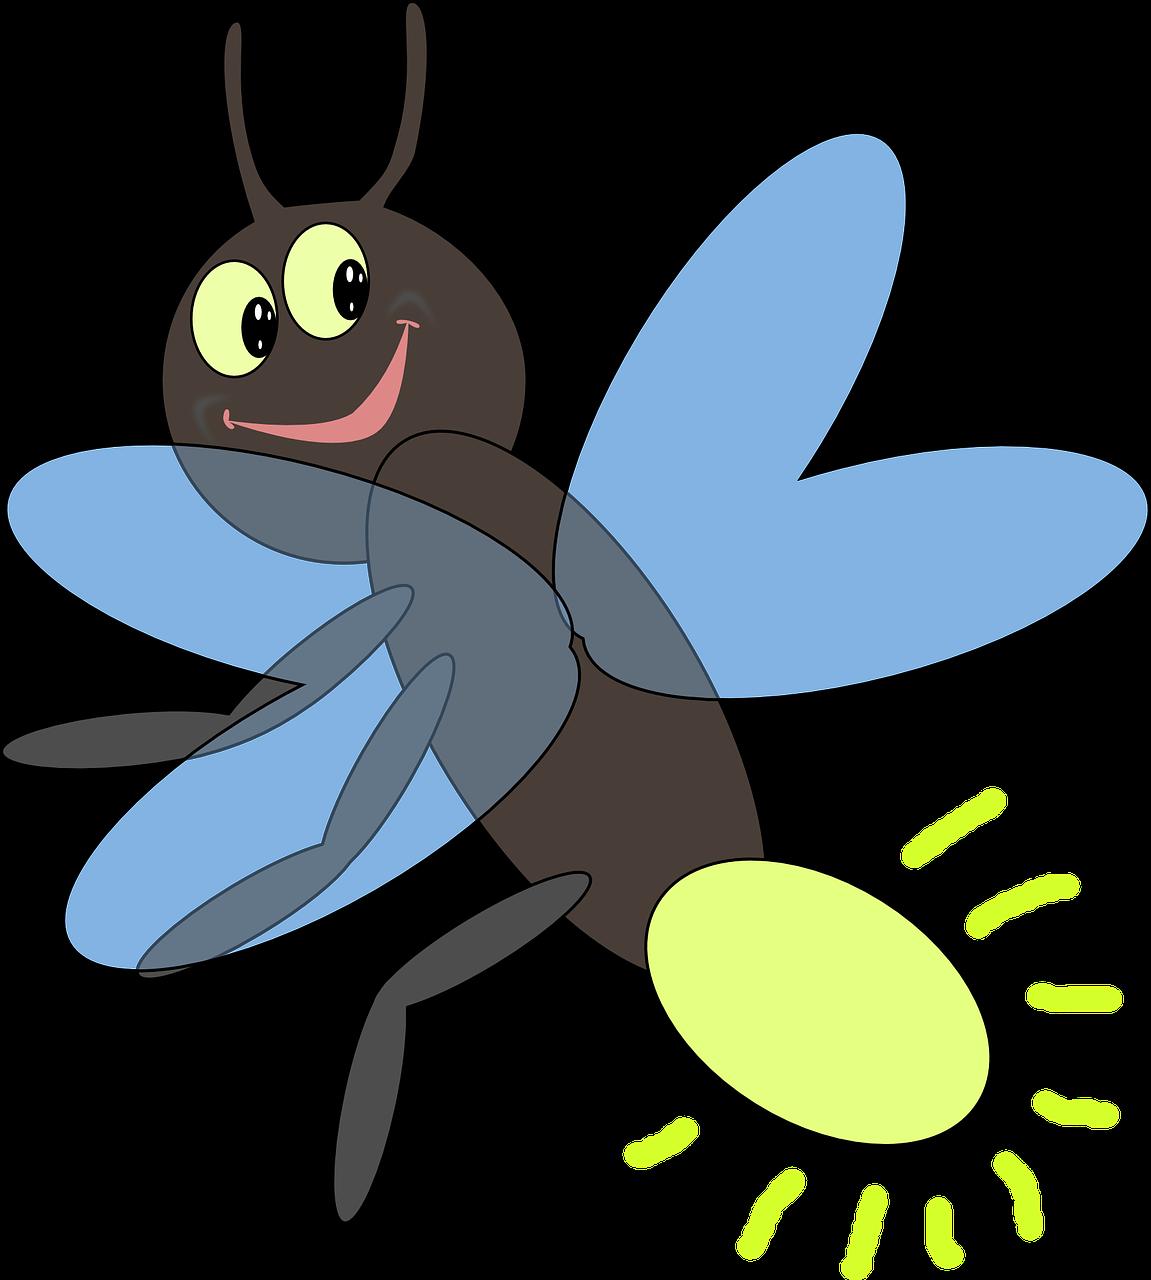 Mosquito invertebrate